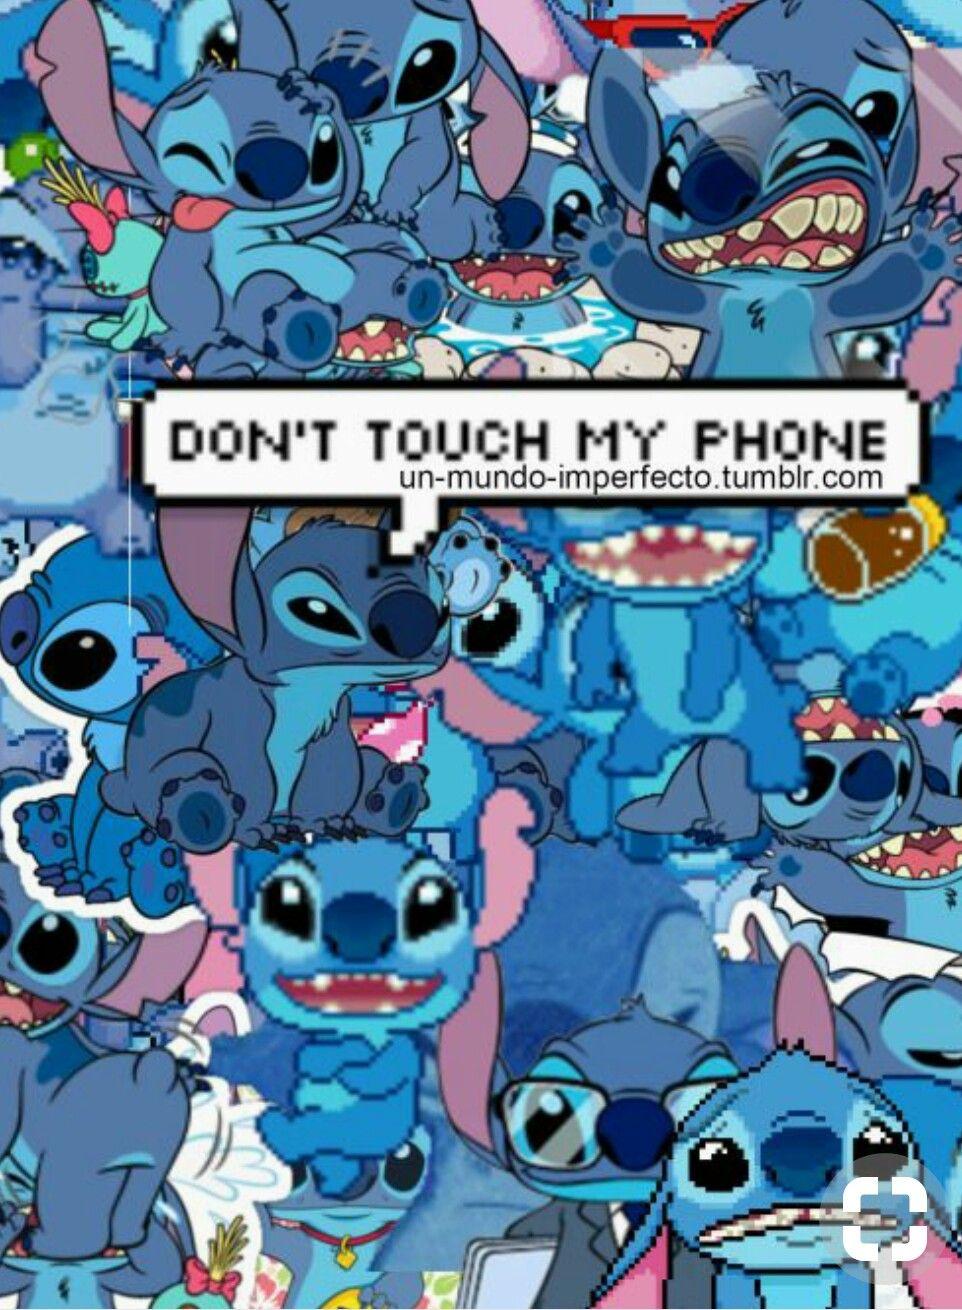 Fondos de pantalla no toques mi celular stitch